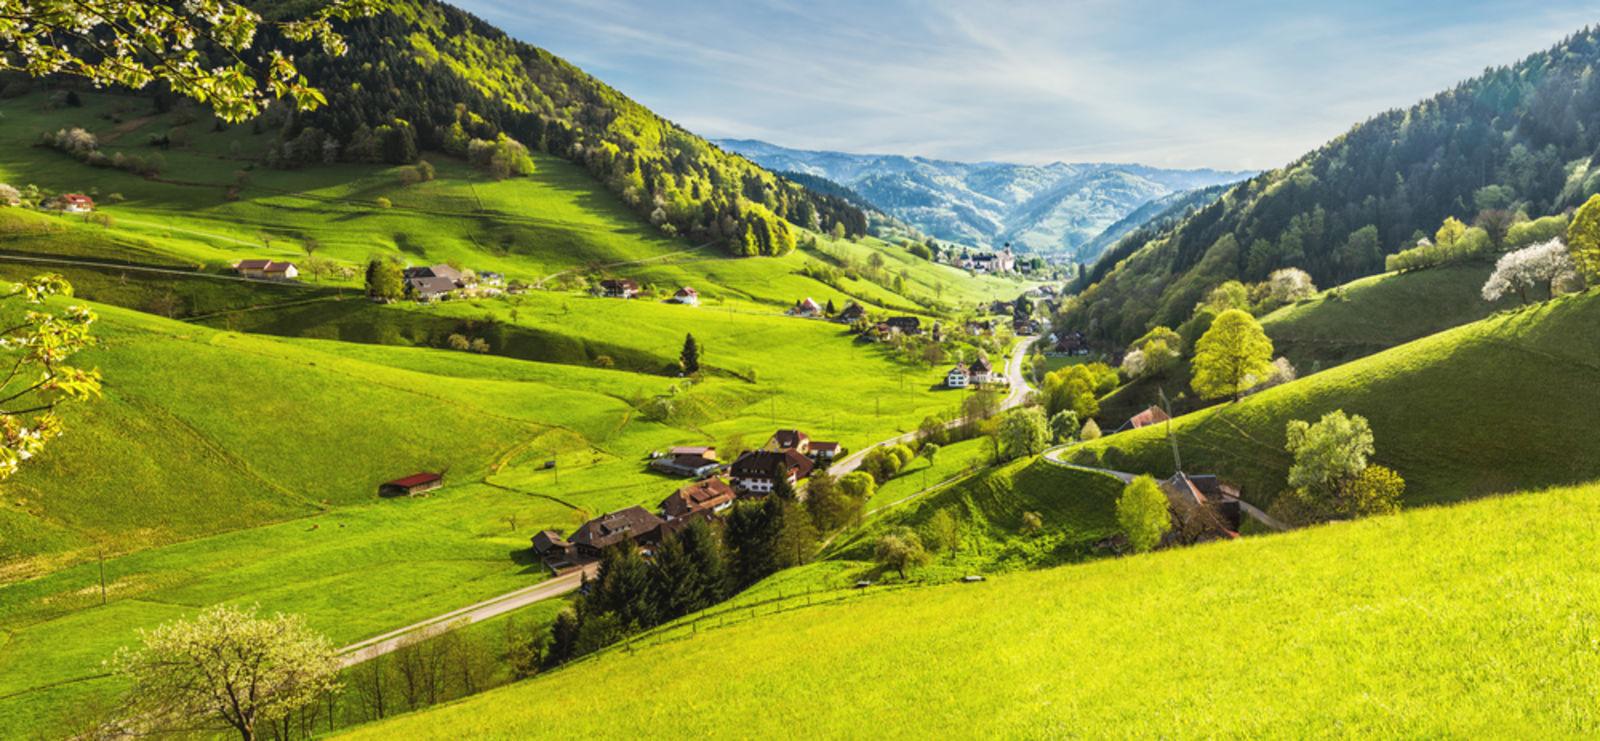 Schwarzwald view